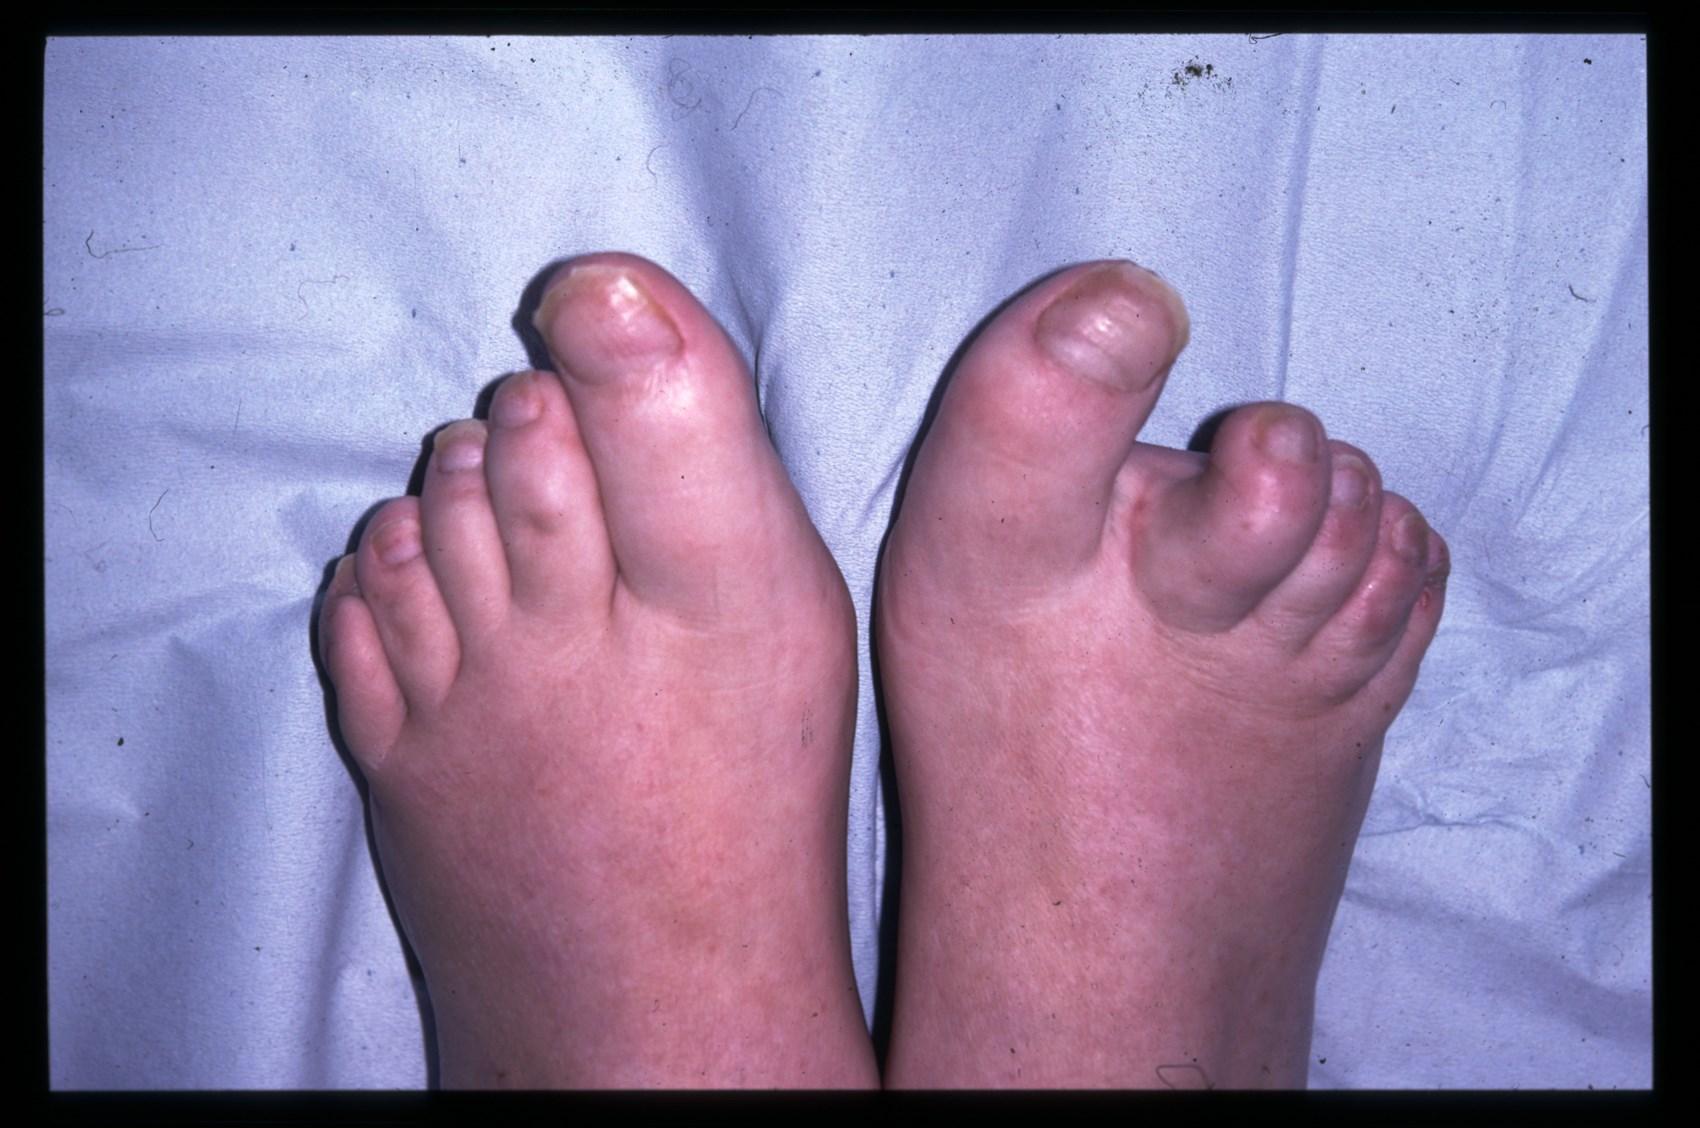 psoriasis on feet help kenőcs pikkelysömörhöz népi gyógymódokkal